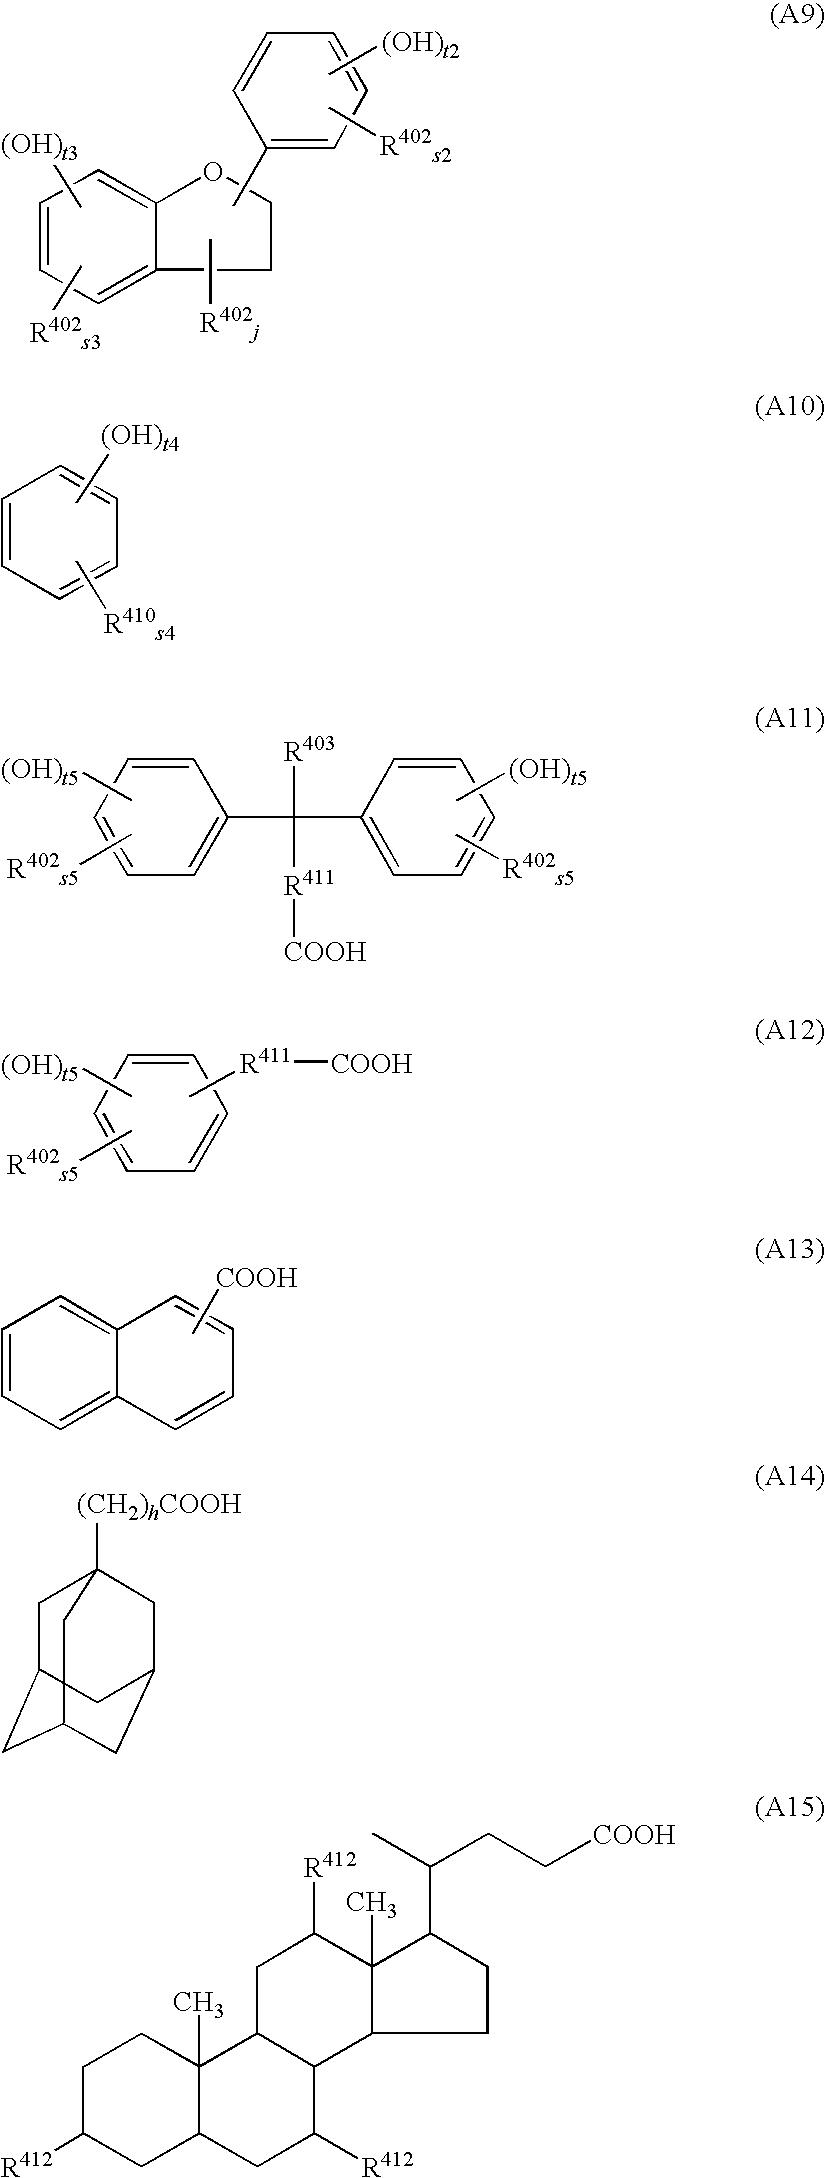 Figure US20090280434A1-20091112-C00073